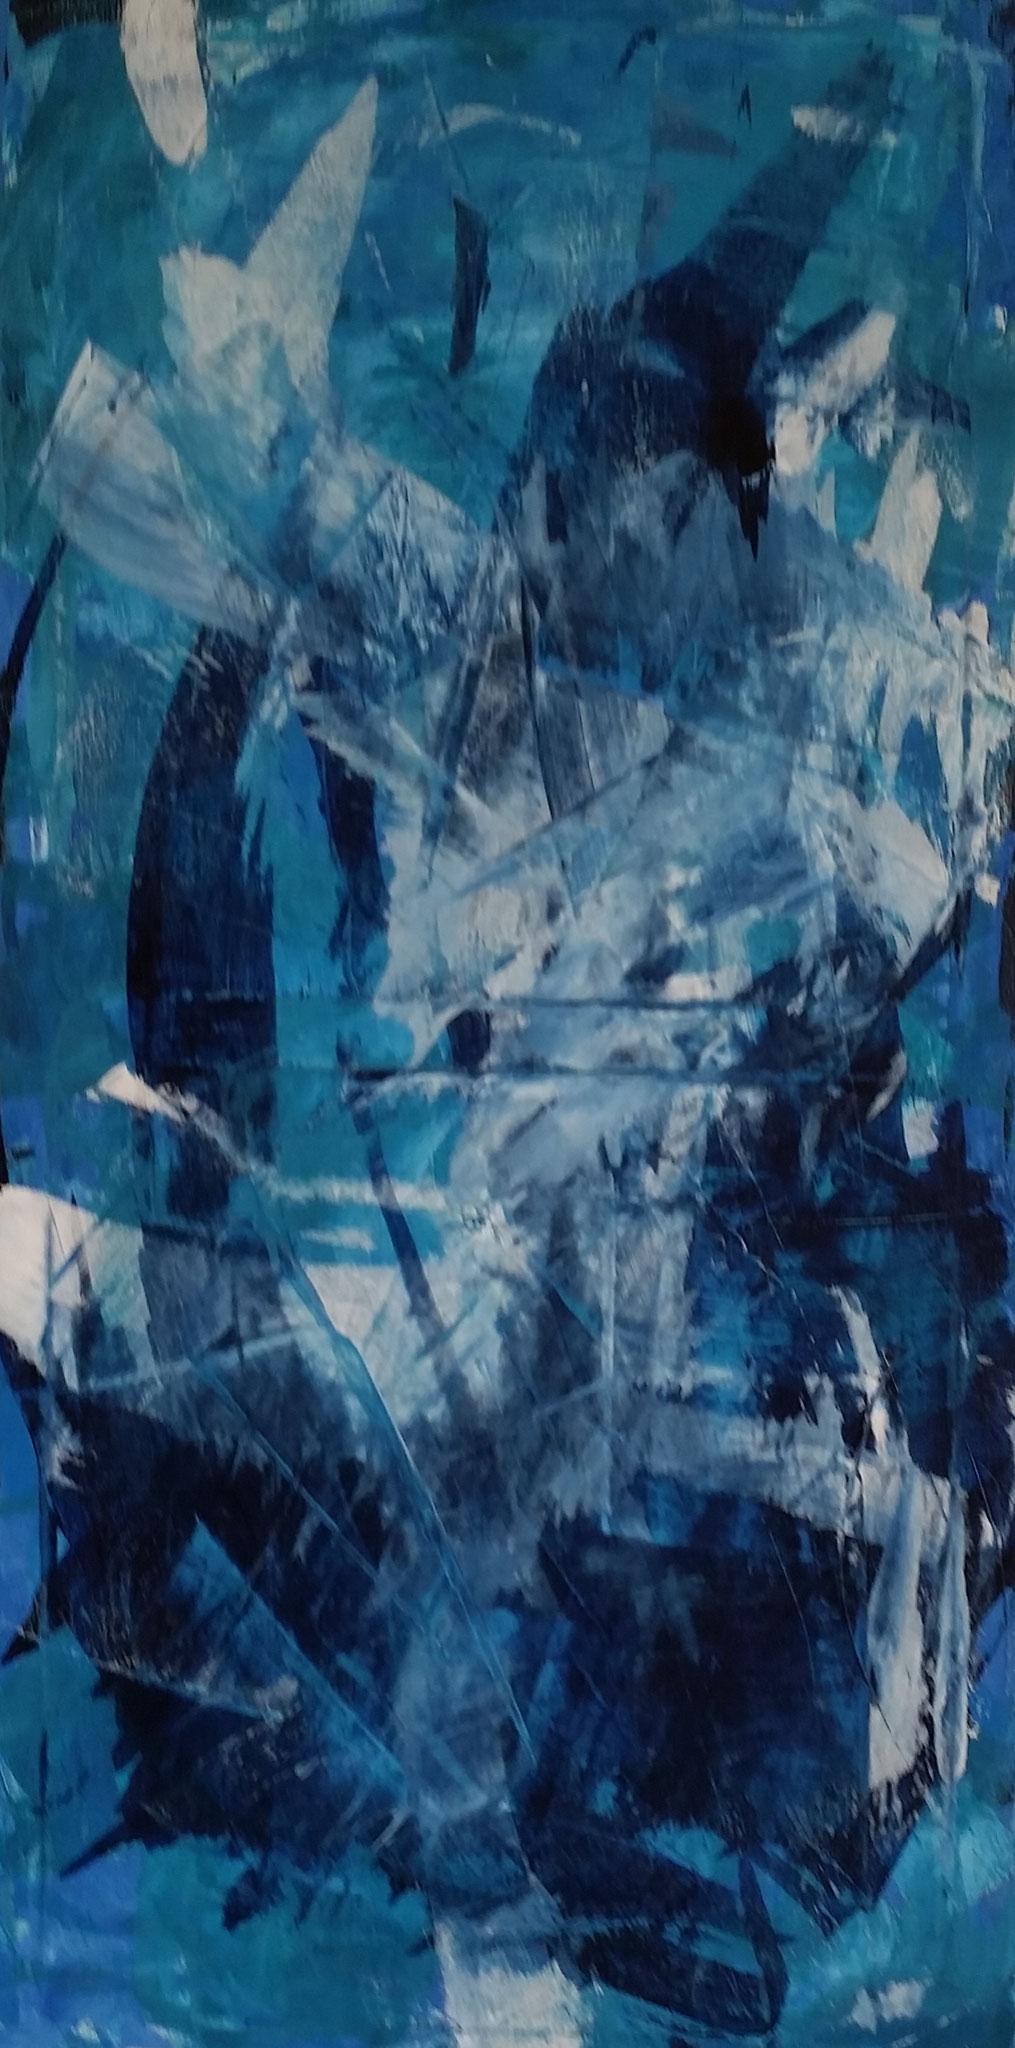 o.T. 40 x 80 Leinwand, Acryl, gespachtelt, verkauft